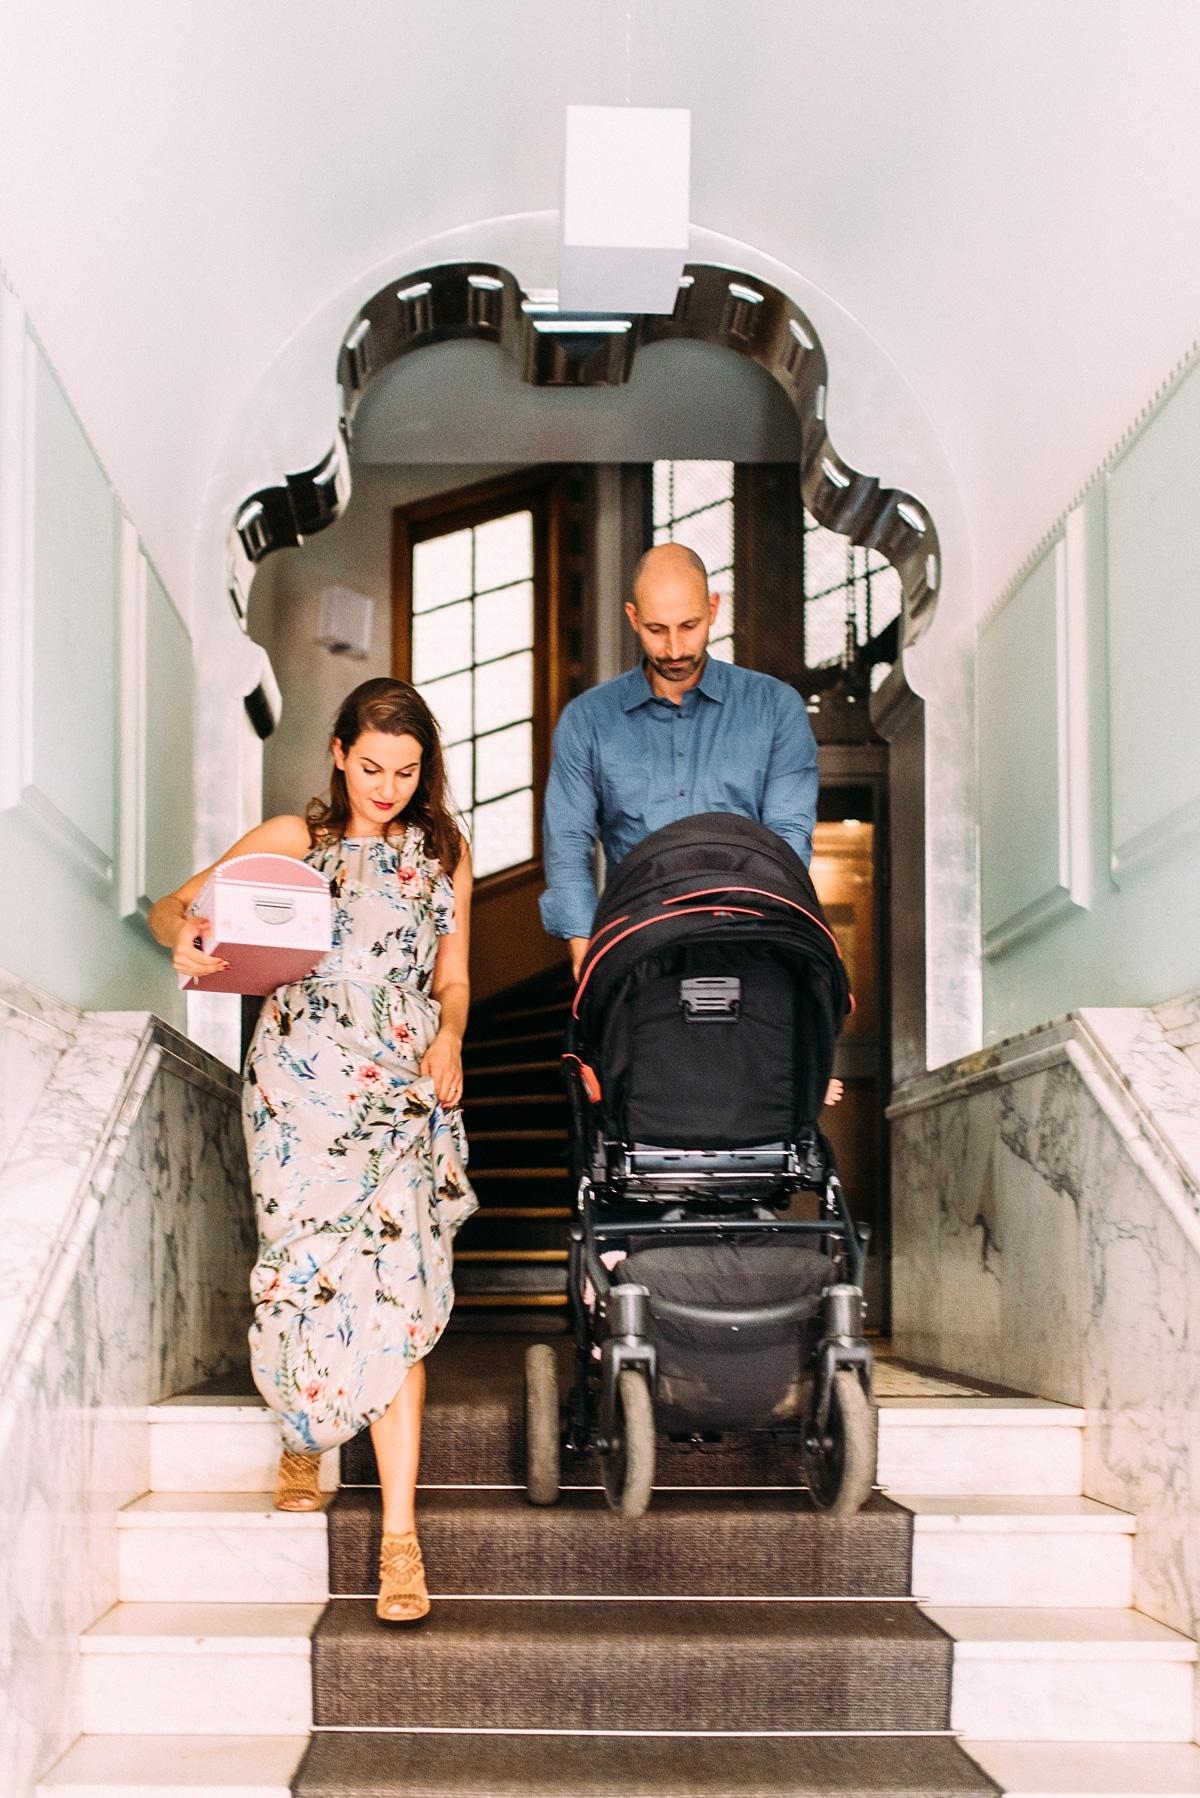 junge Familie mit Kinderwagen im Treppenhaus Altbau